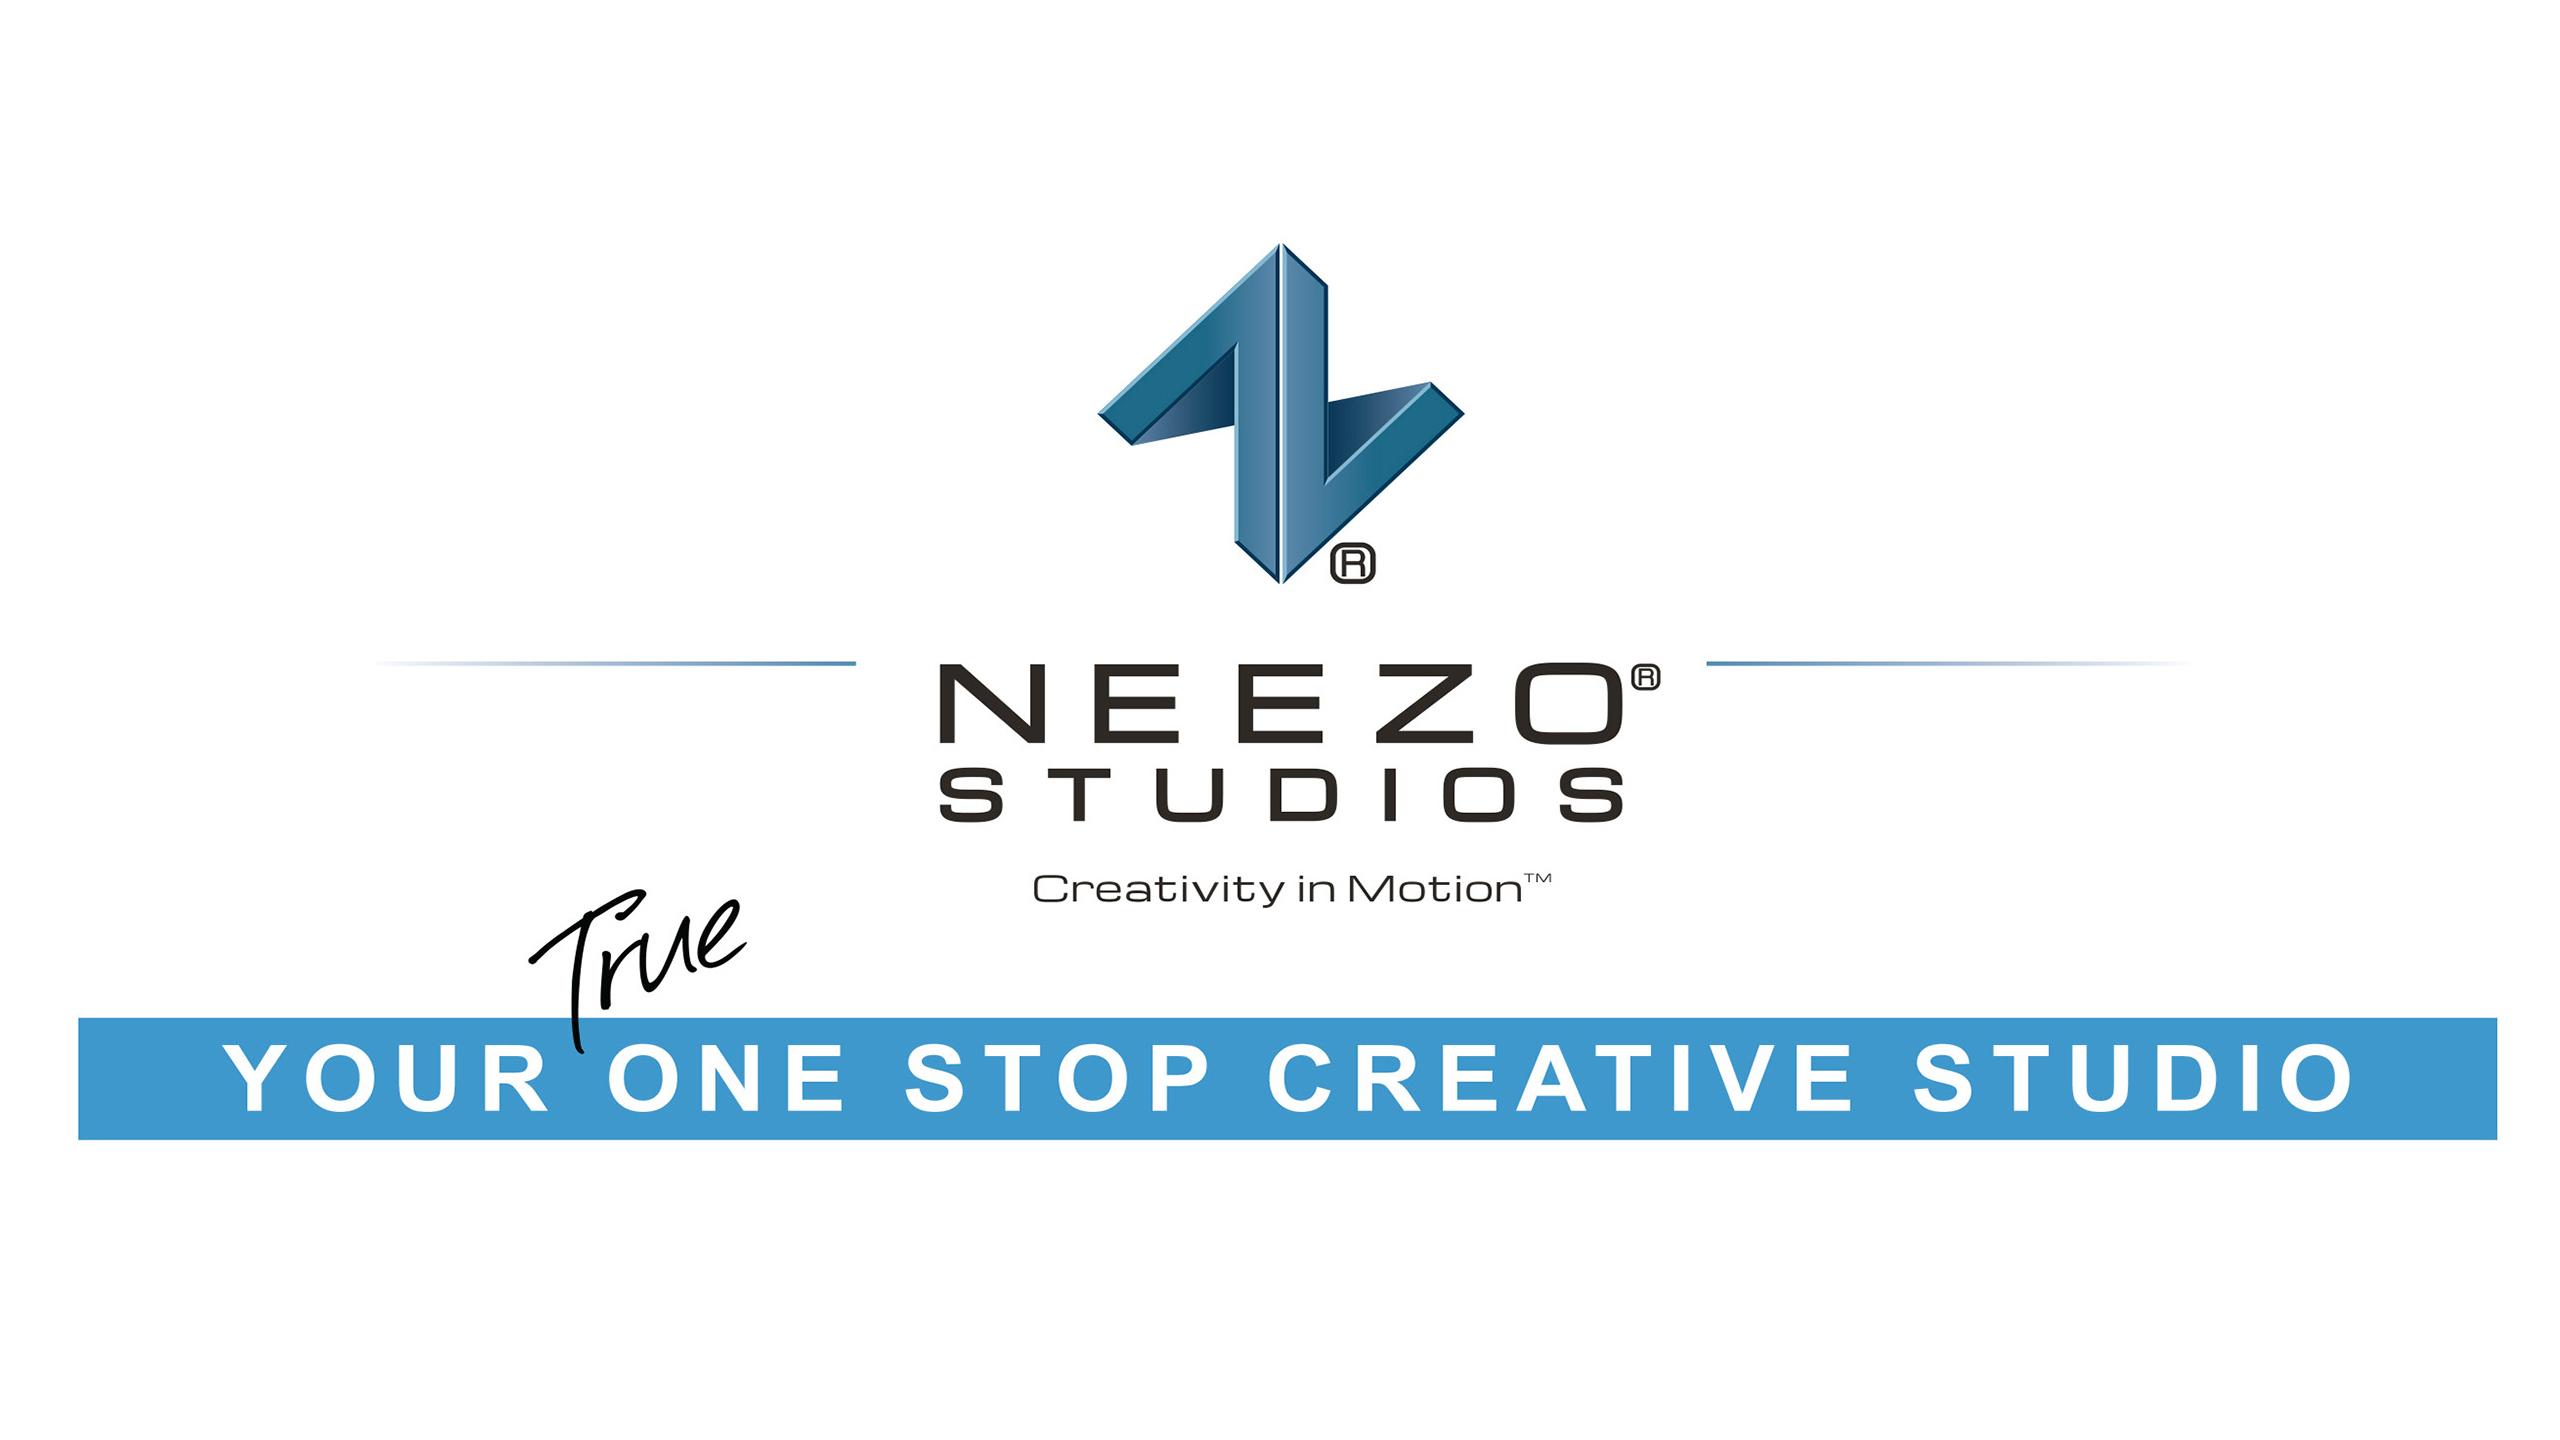 NEEZO Studios_YouTube Banner 2020-1